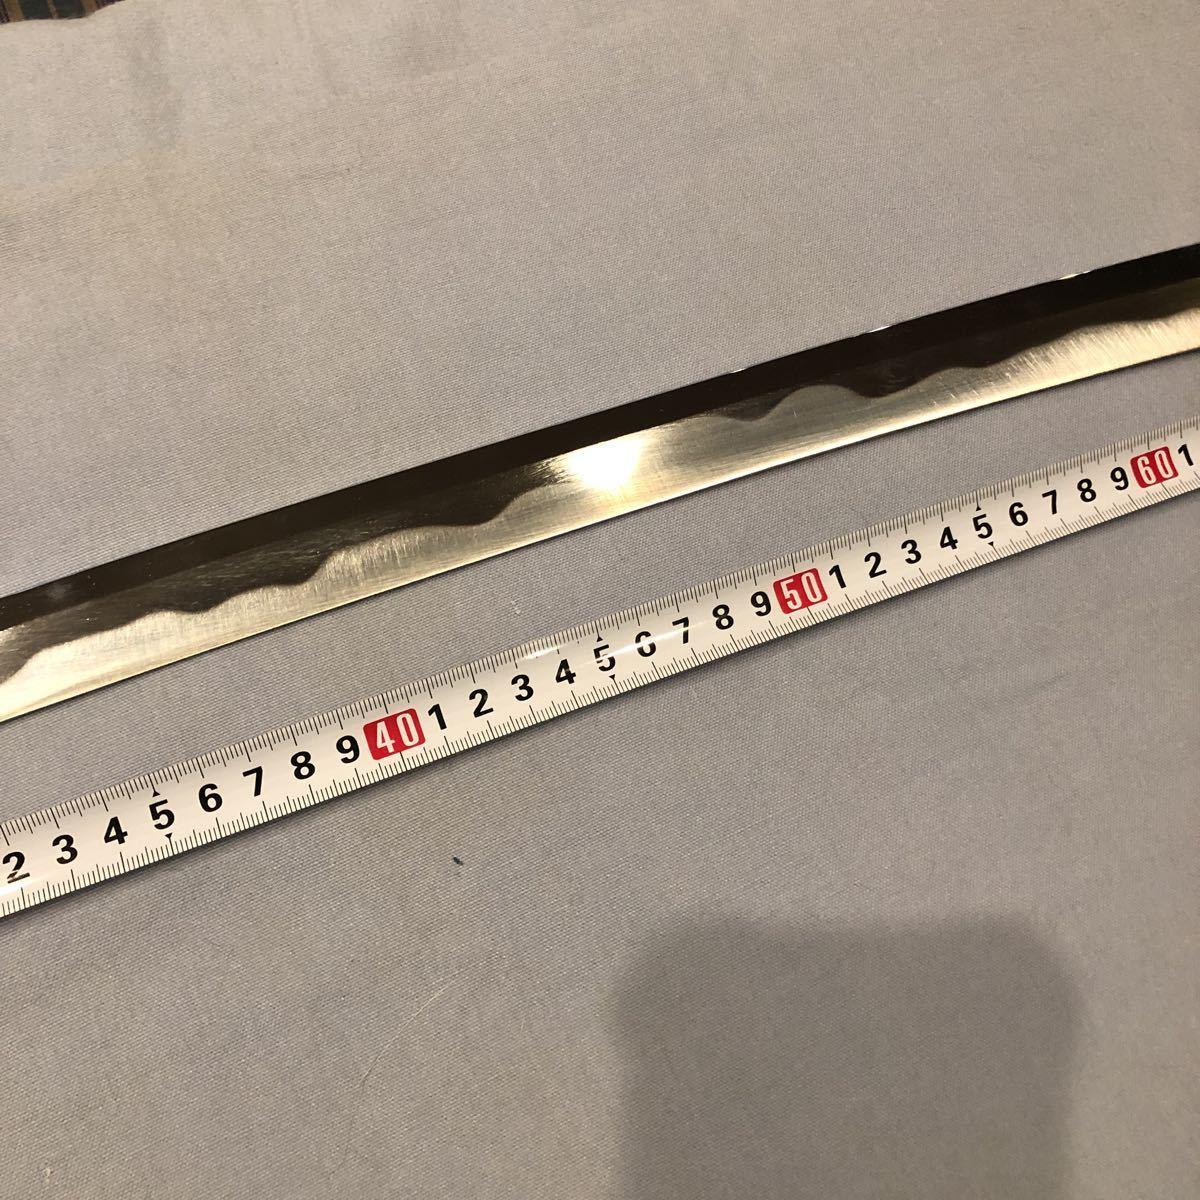 逆刃刀 模造刀 刀身のみ 金型 亜鉛合金 全長900 刃渡り700 反り約20 660グラム_画像2